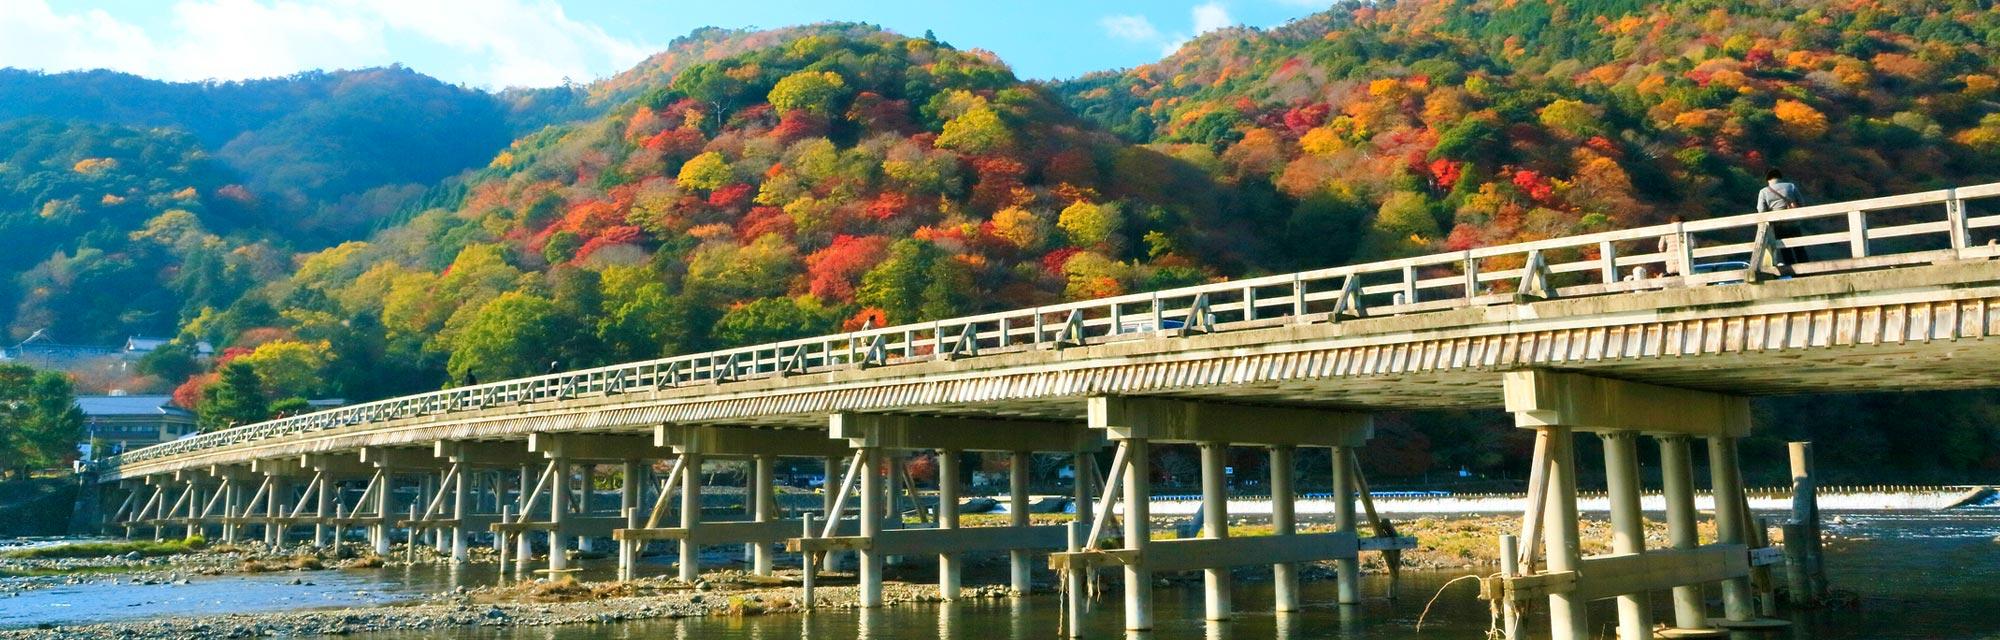 Togetsu-kyo-Bridge